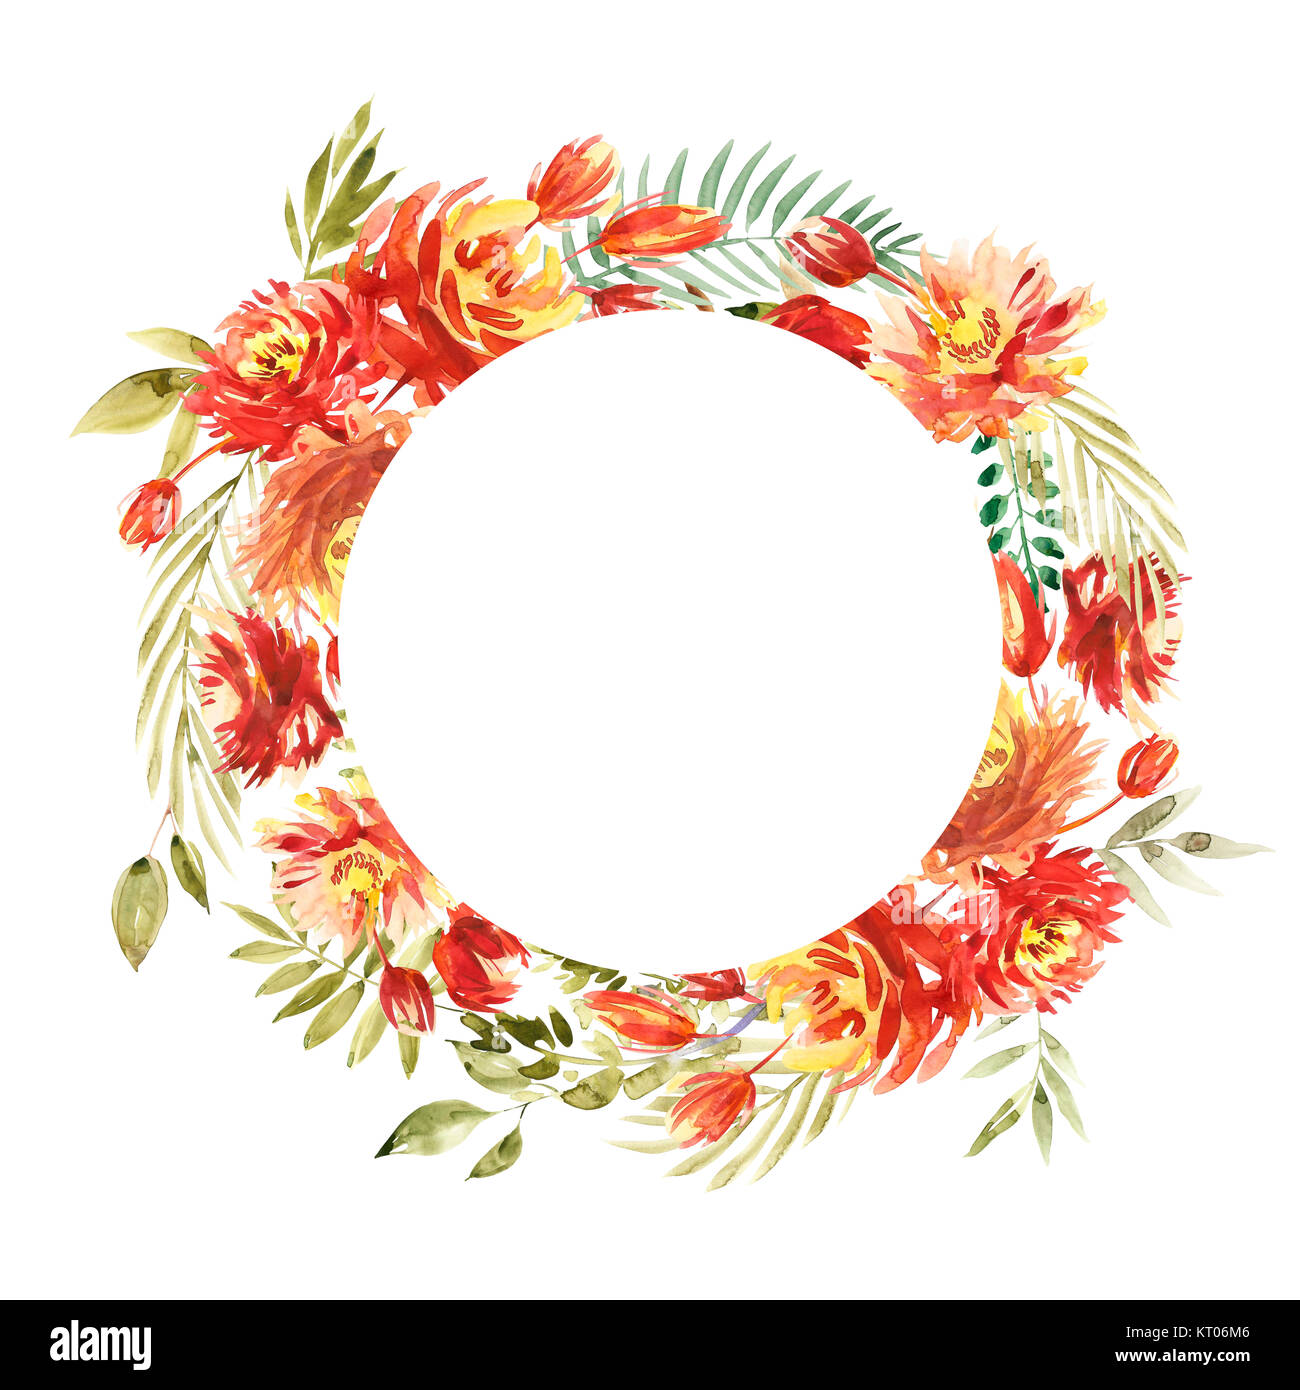 Vintage Karte, Aquarell Einladung Hochzeit Design Mit Rote Pfingstrose,  Verlässt. Blume Hintergrund Mit